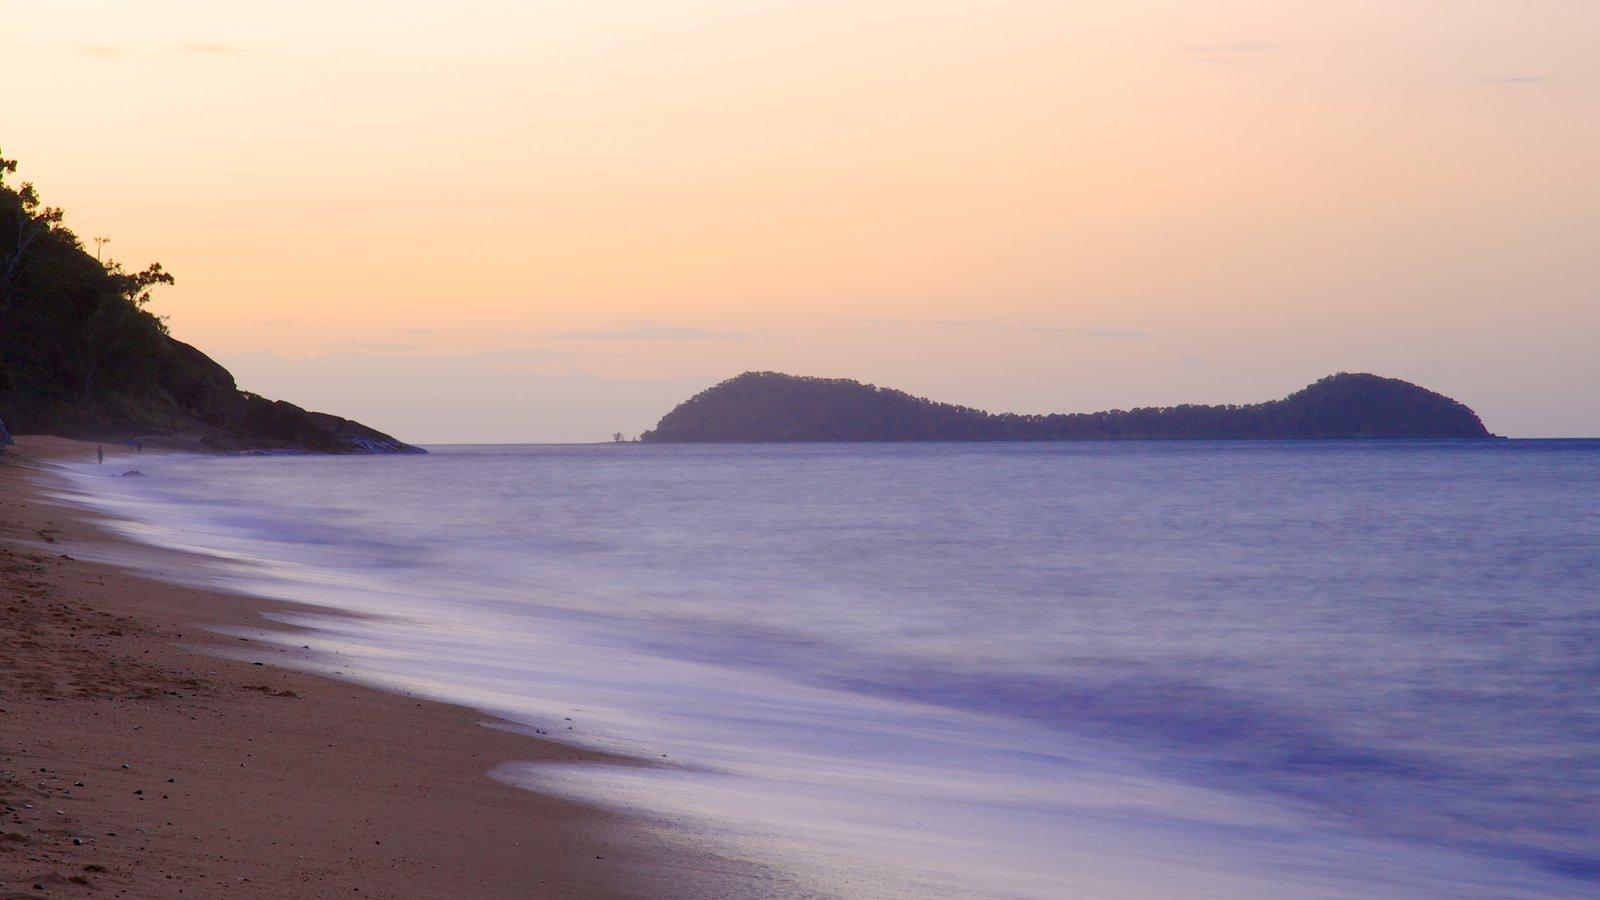 Playa Trinity ofreciendo una playa de arena y vistas de paisajes